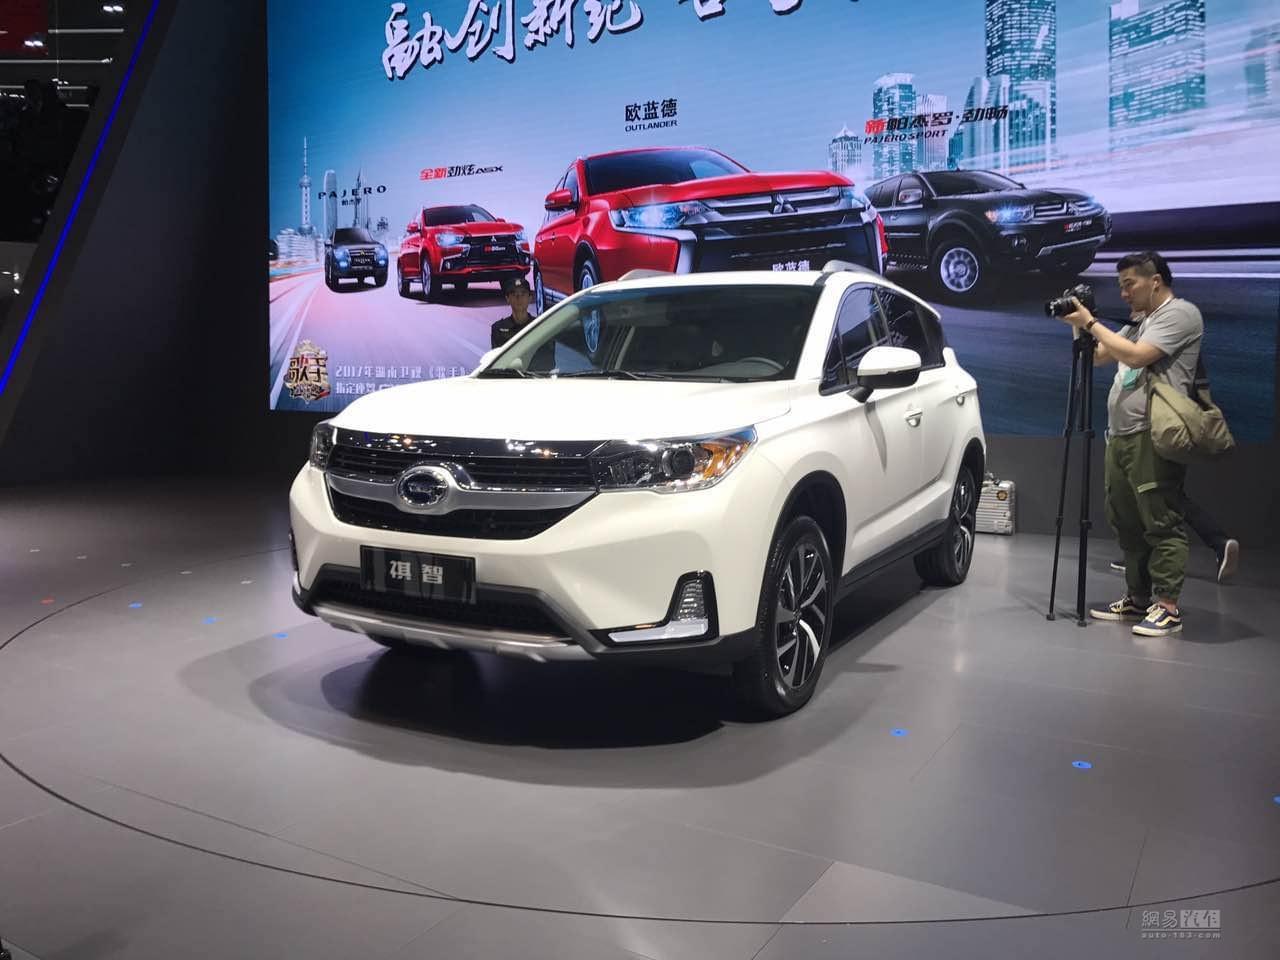 2017上海车展:广汽三菱插电混动SUV祺智